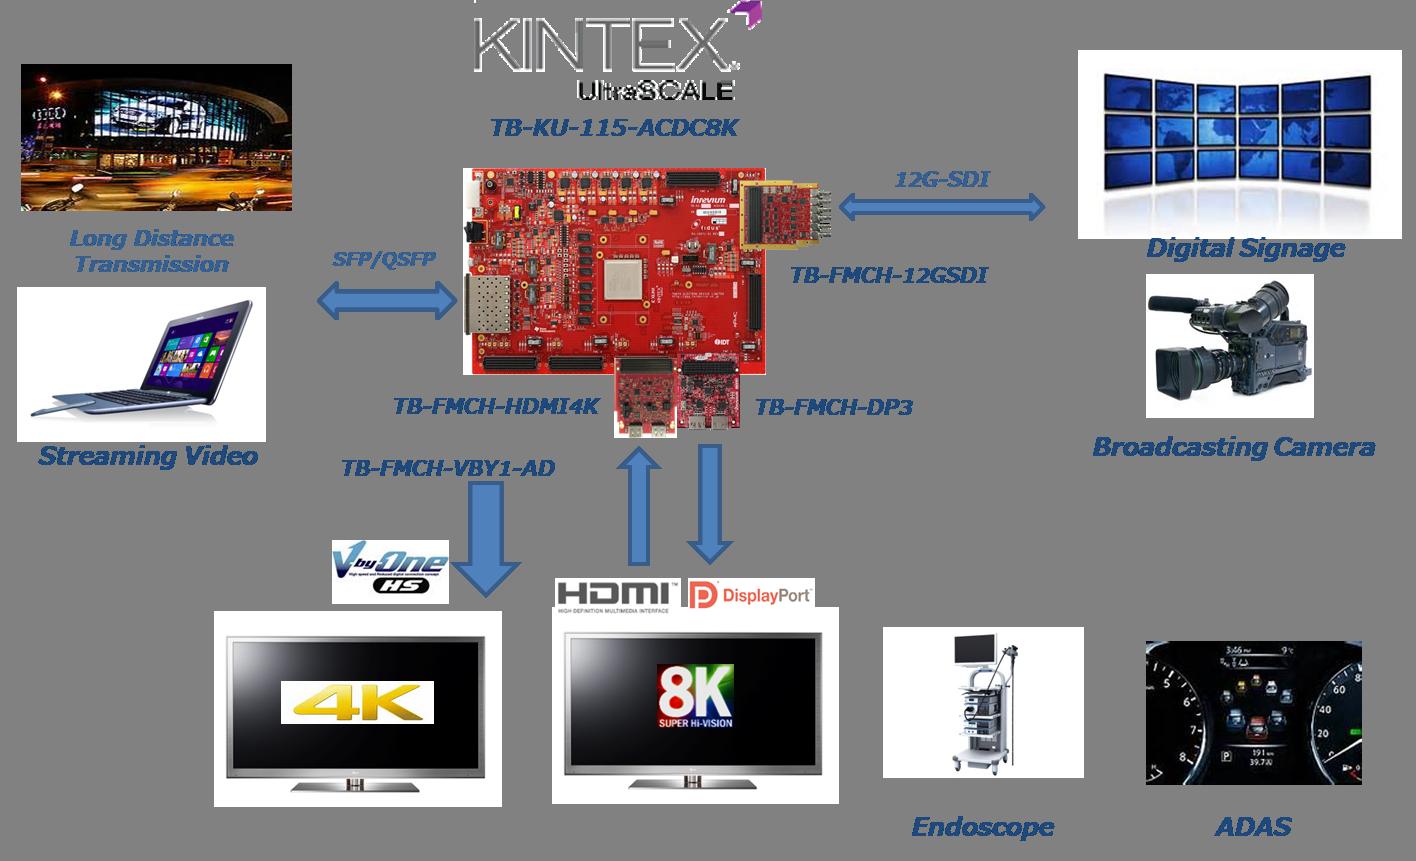 4K8Kビデオソリューション